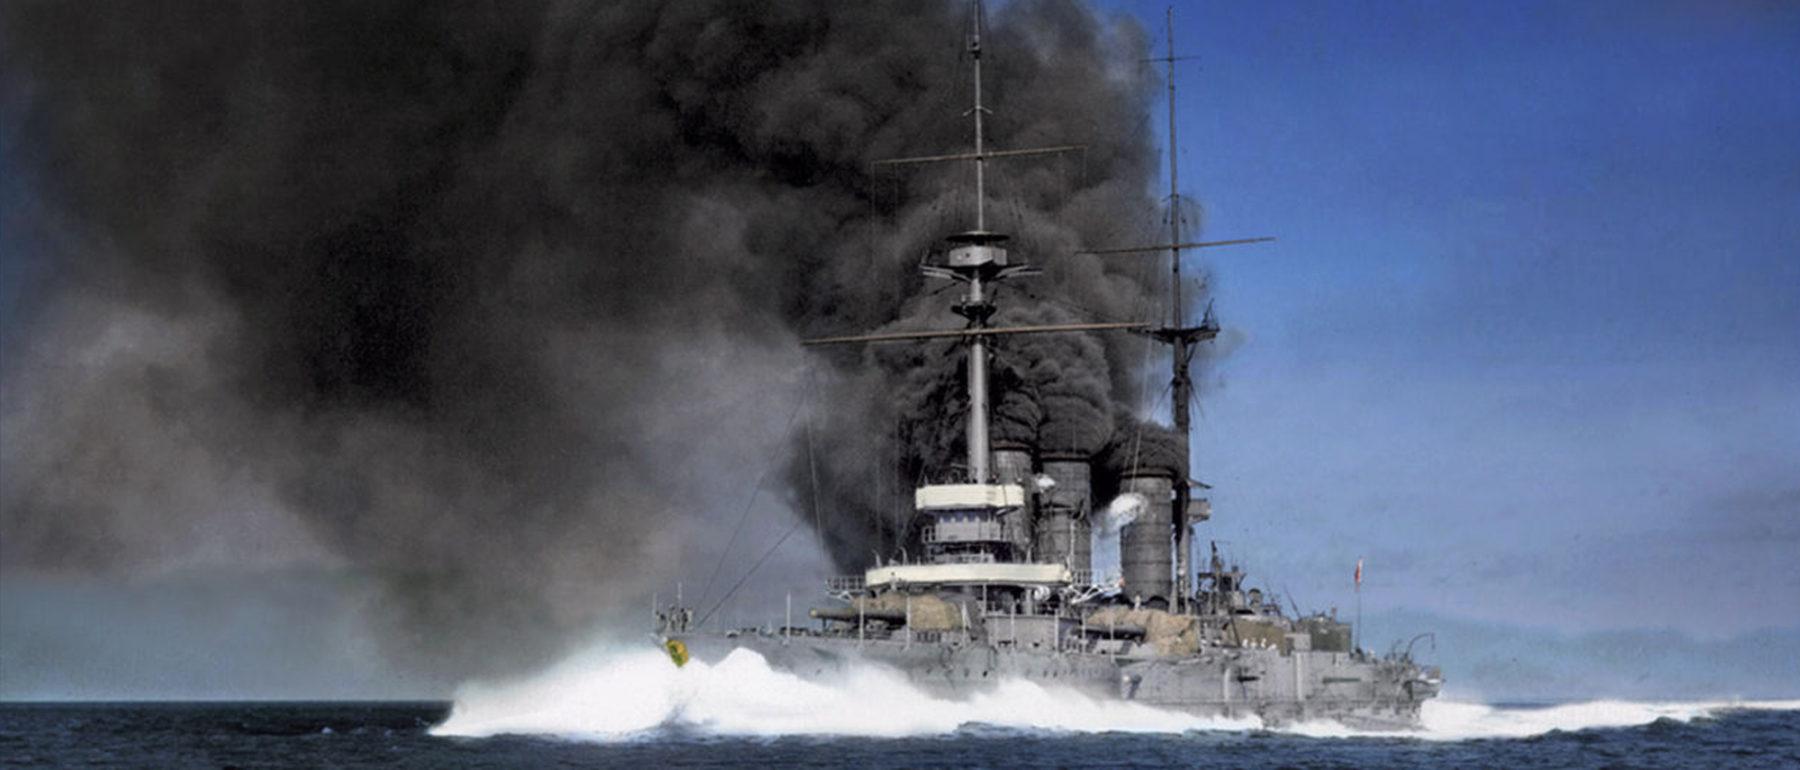 Satsuma class Battleships (1906)